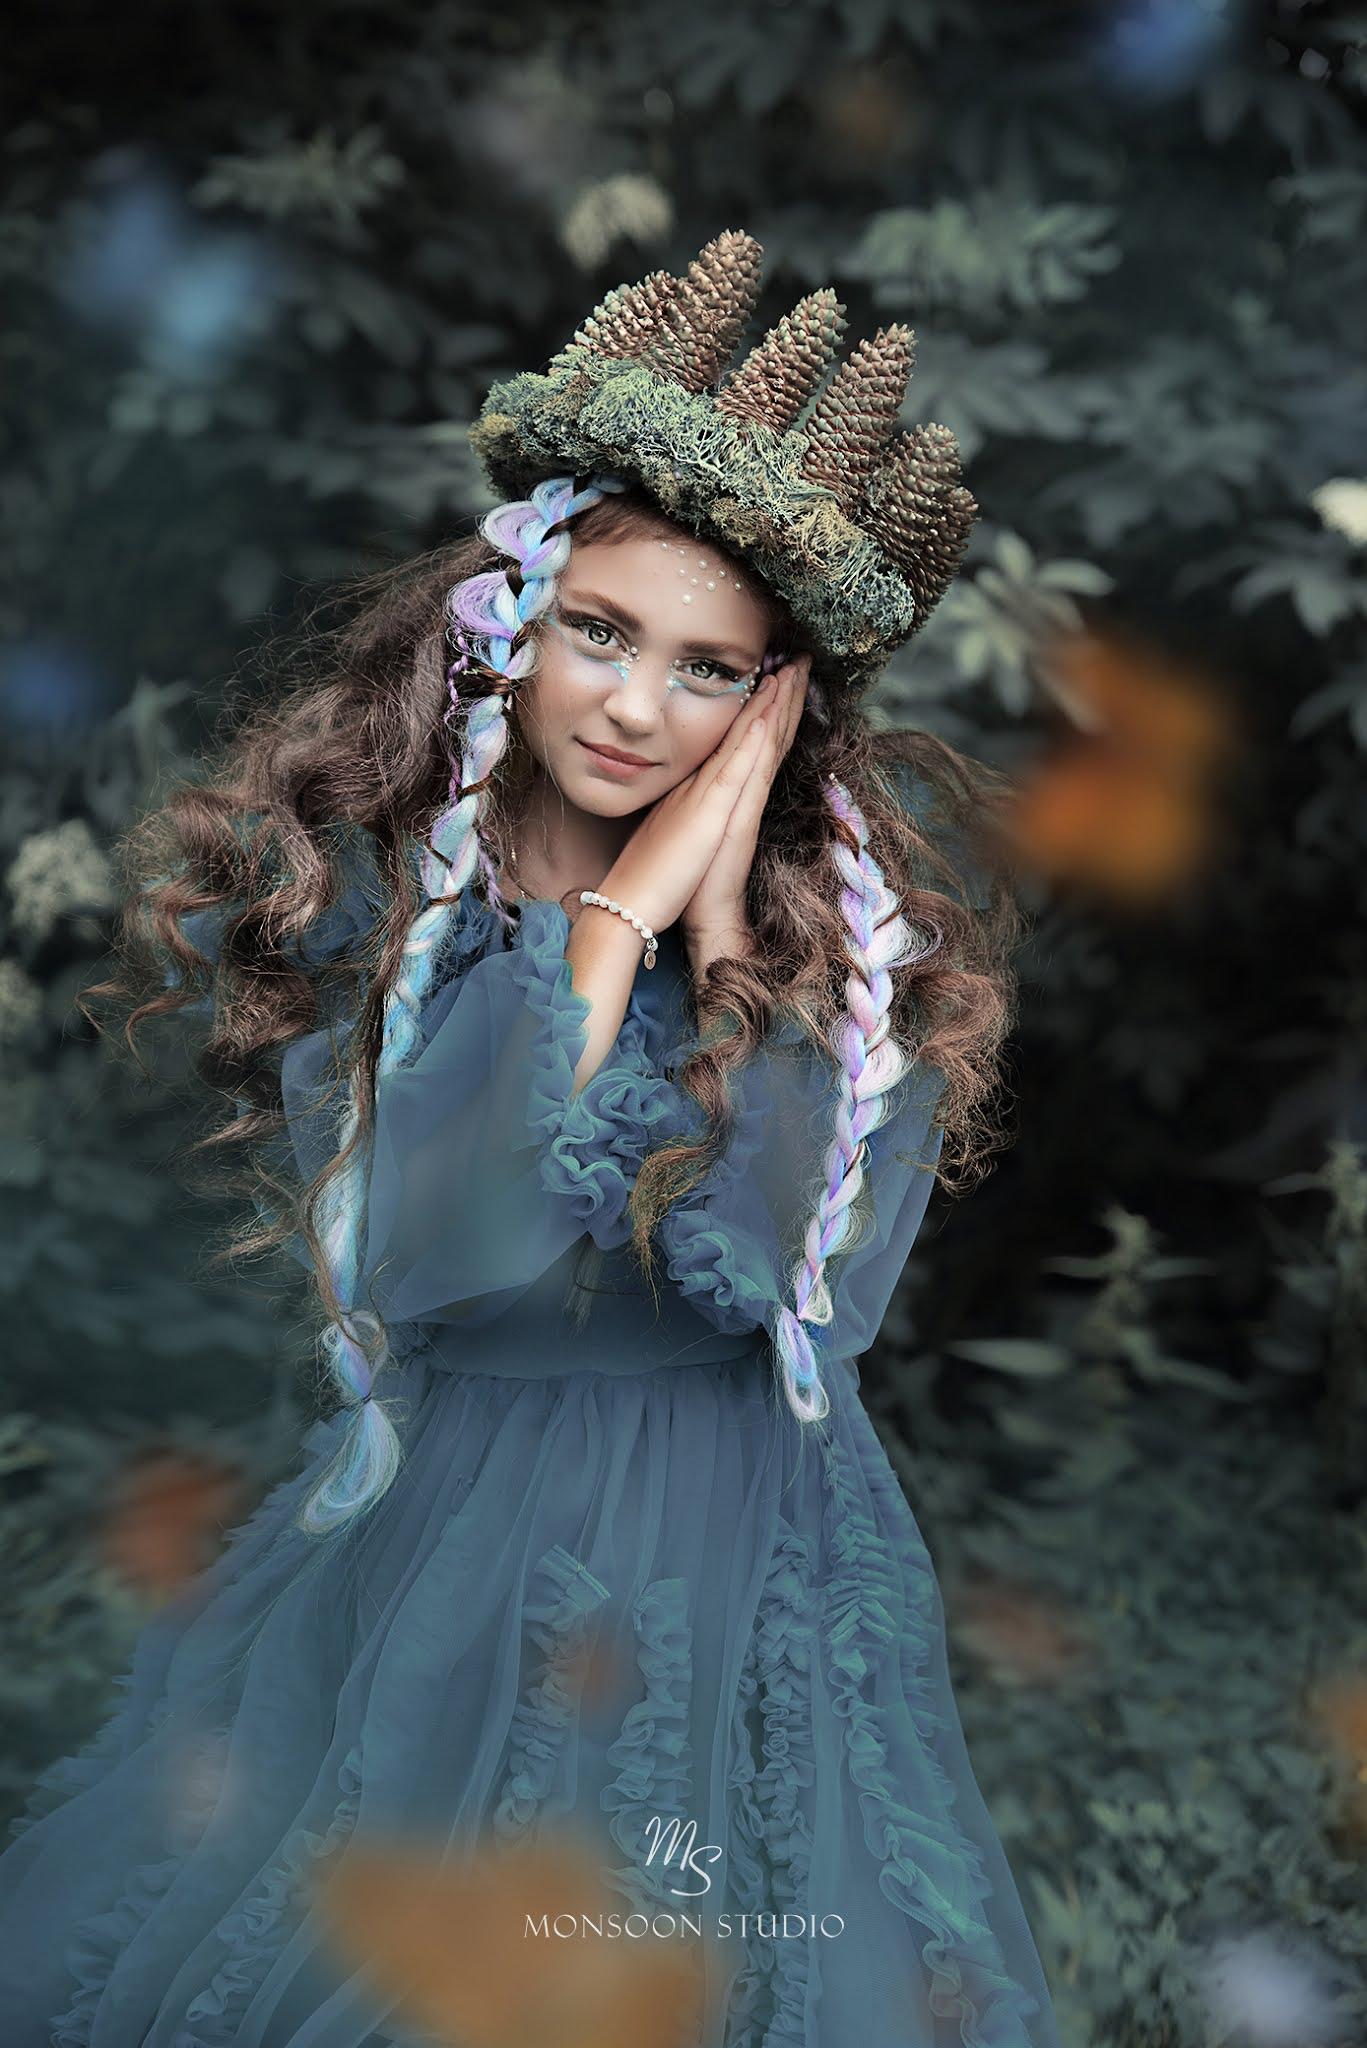 fotograf Serock, sesje kobiece, fotografia artystyczna Warszawa, plener z koniem